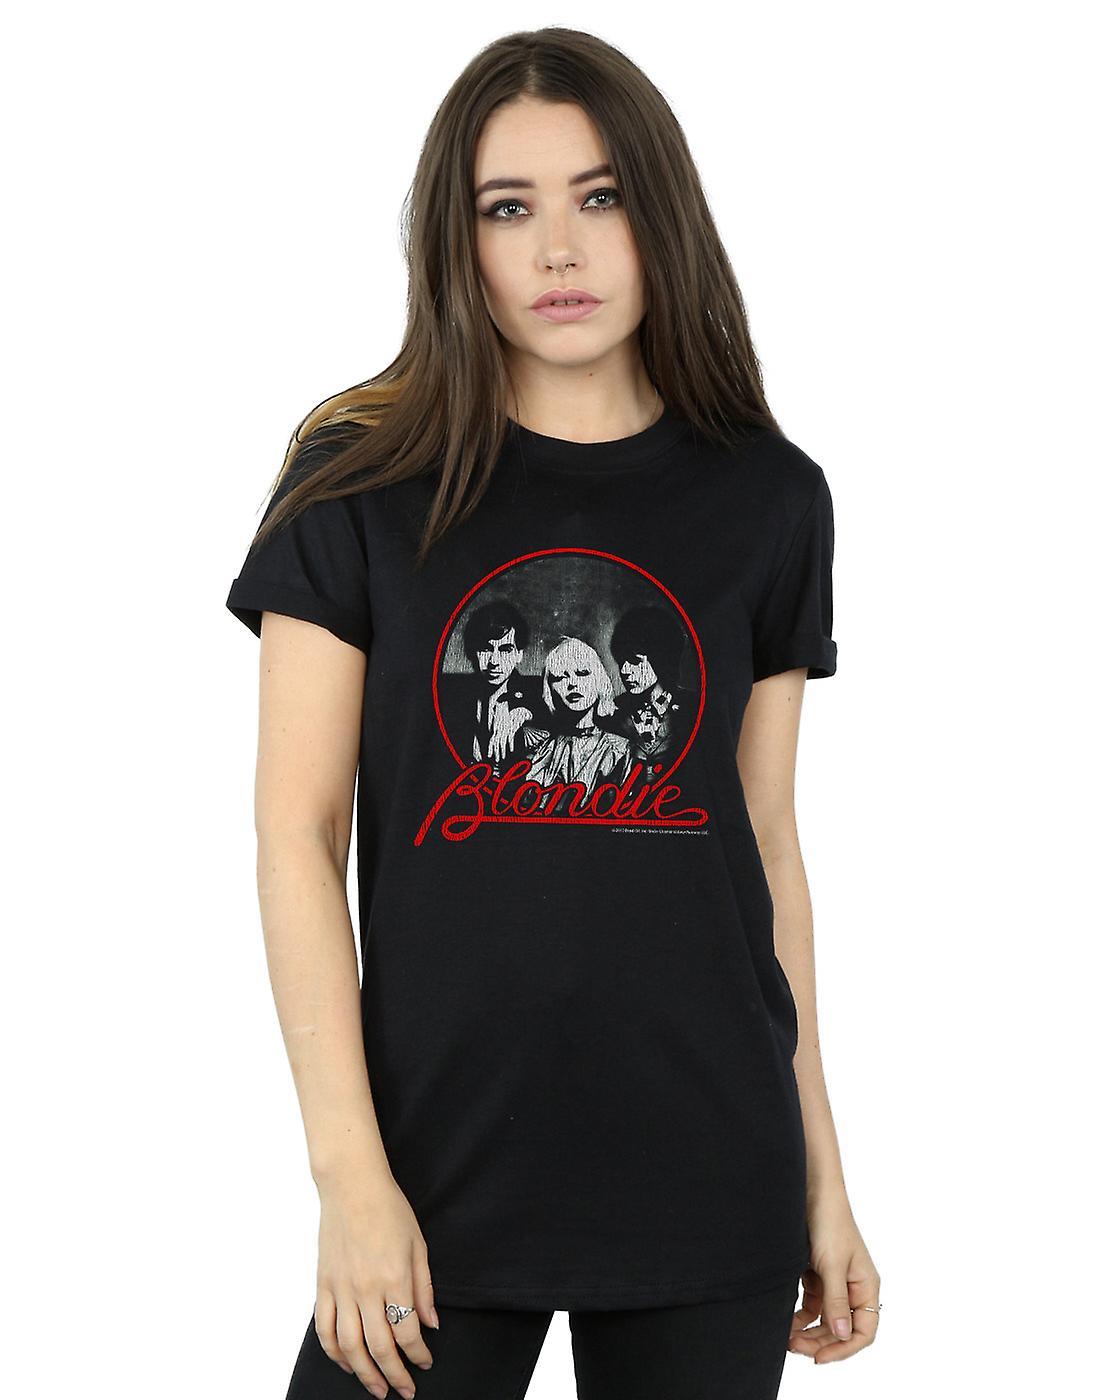 Blondie Women's Distressed Circle Boyfriend Fit T-Shirt